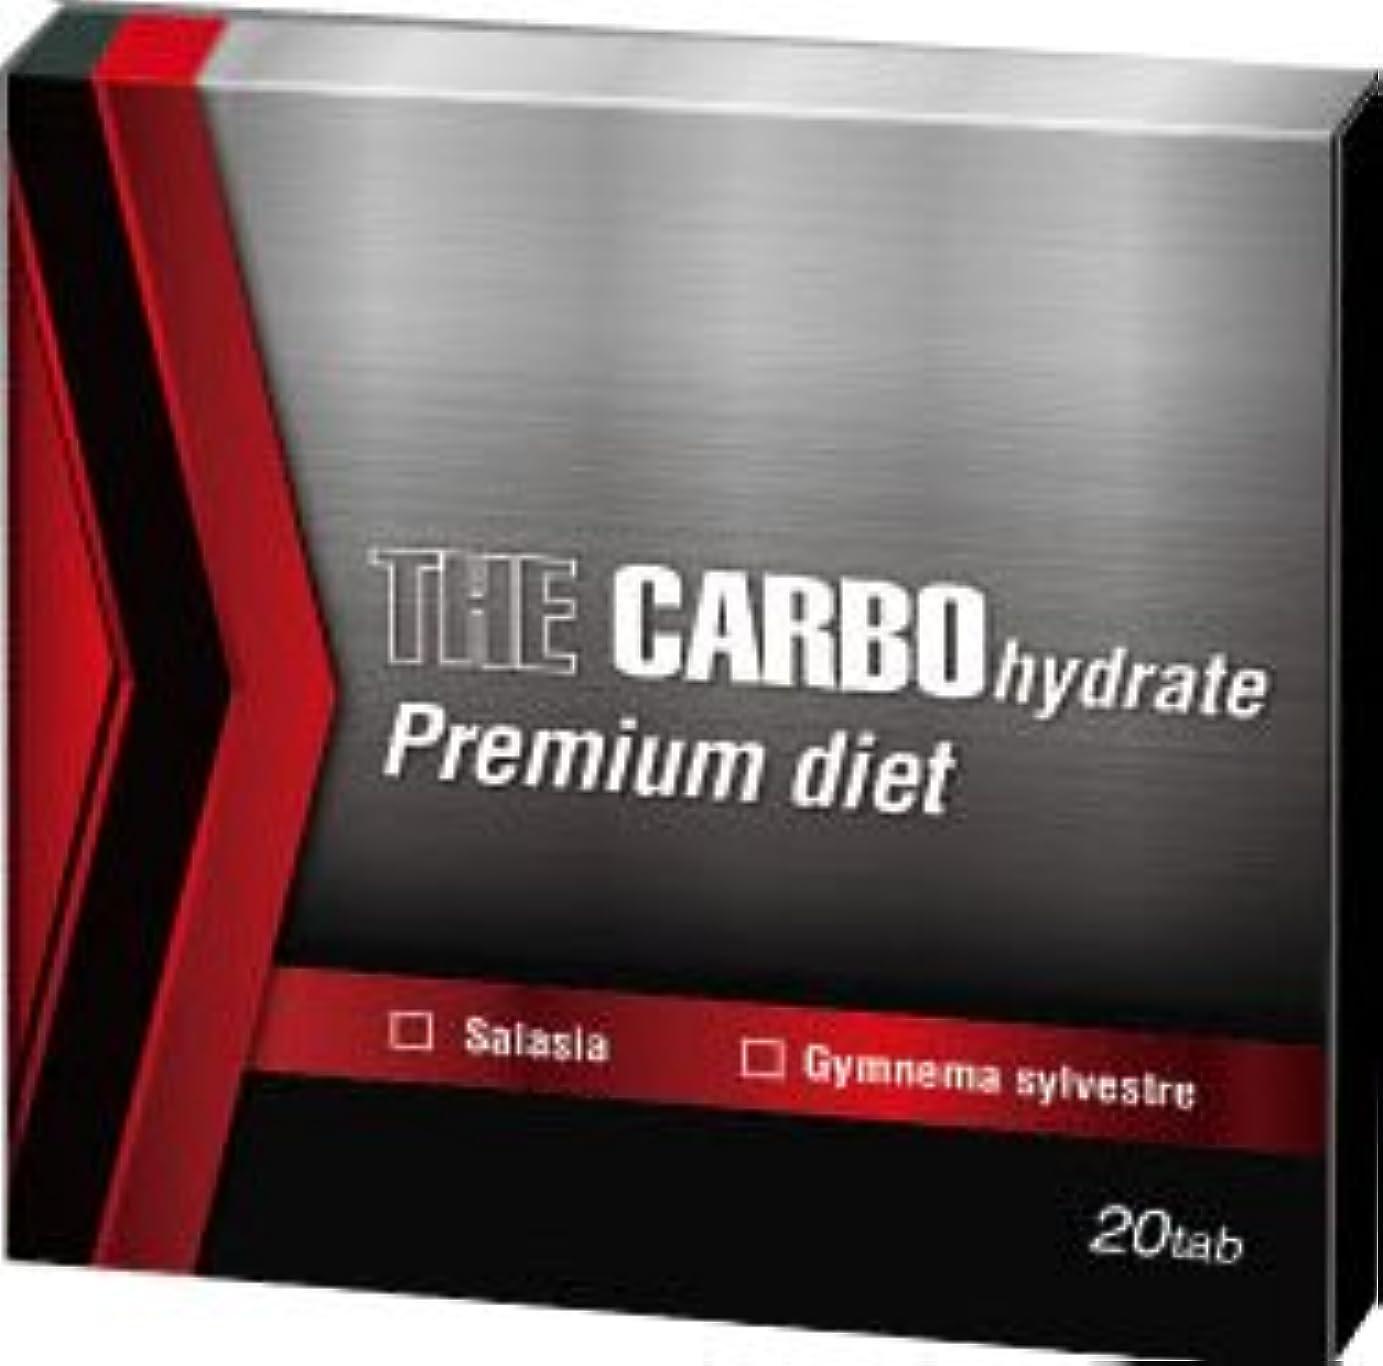 体現する無能風が強いザ?糖質プレミアムダイエット20Tab〔THE CARBO hydrate Premium daiet〕